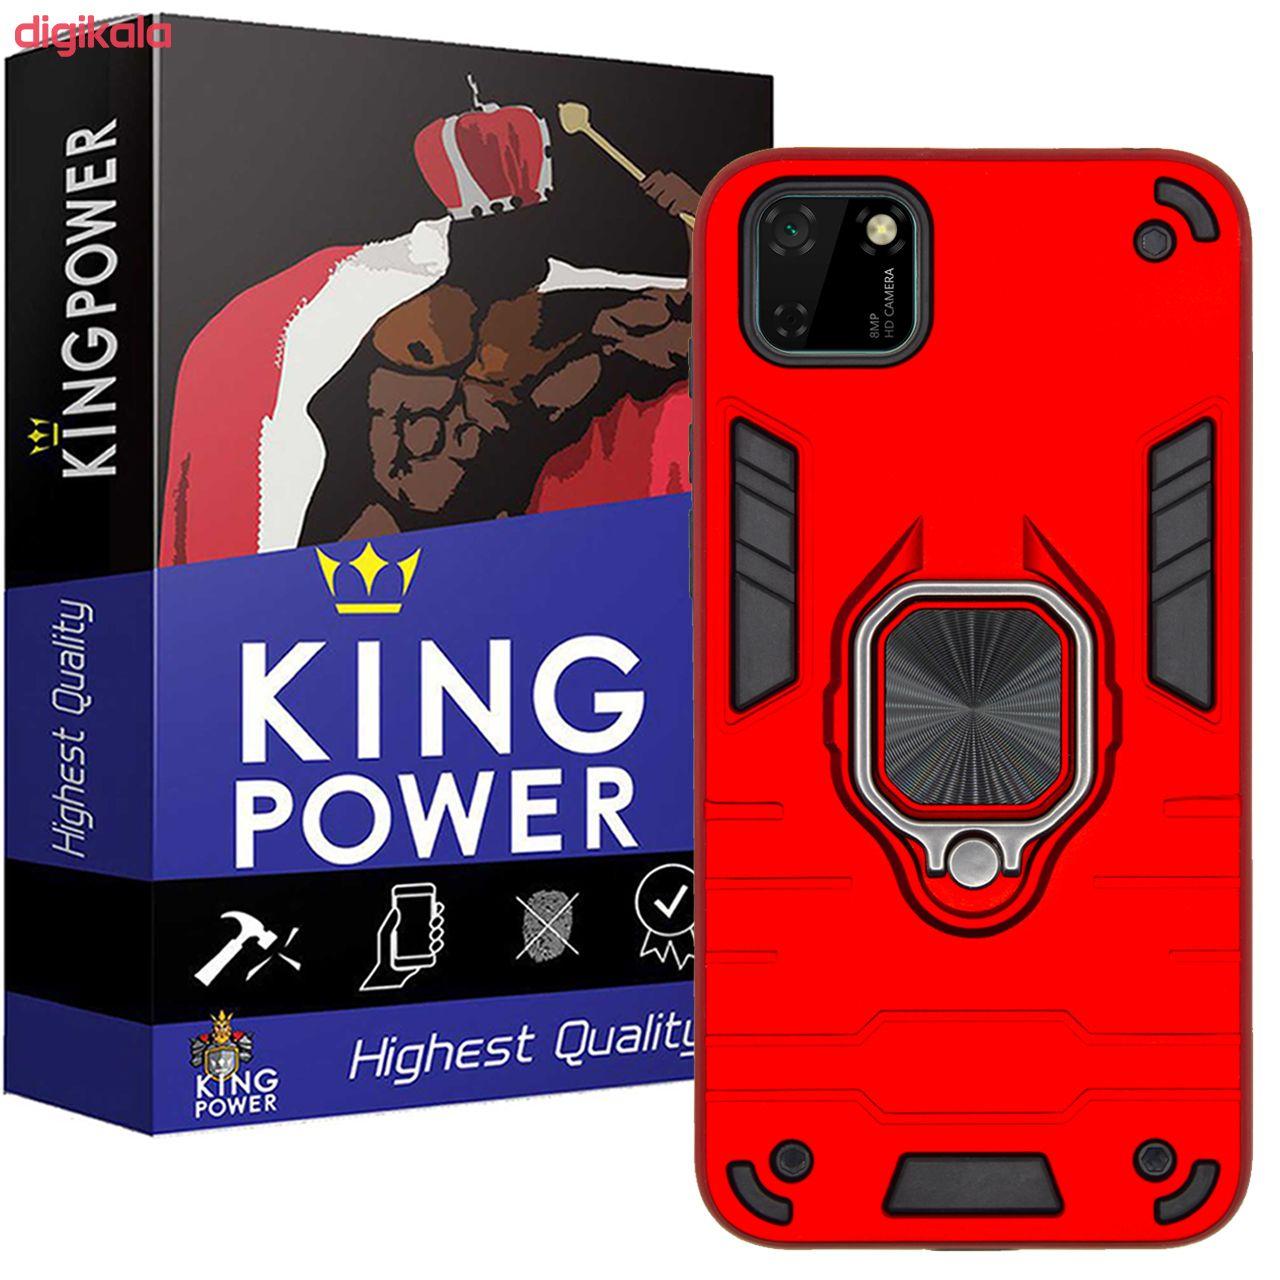 کاور کینگ پاور مدل ASH22 مناسب برای گوشی موبایل هوآوی Y5p / Y5 2020 / آنر 9S main 1 1